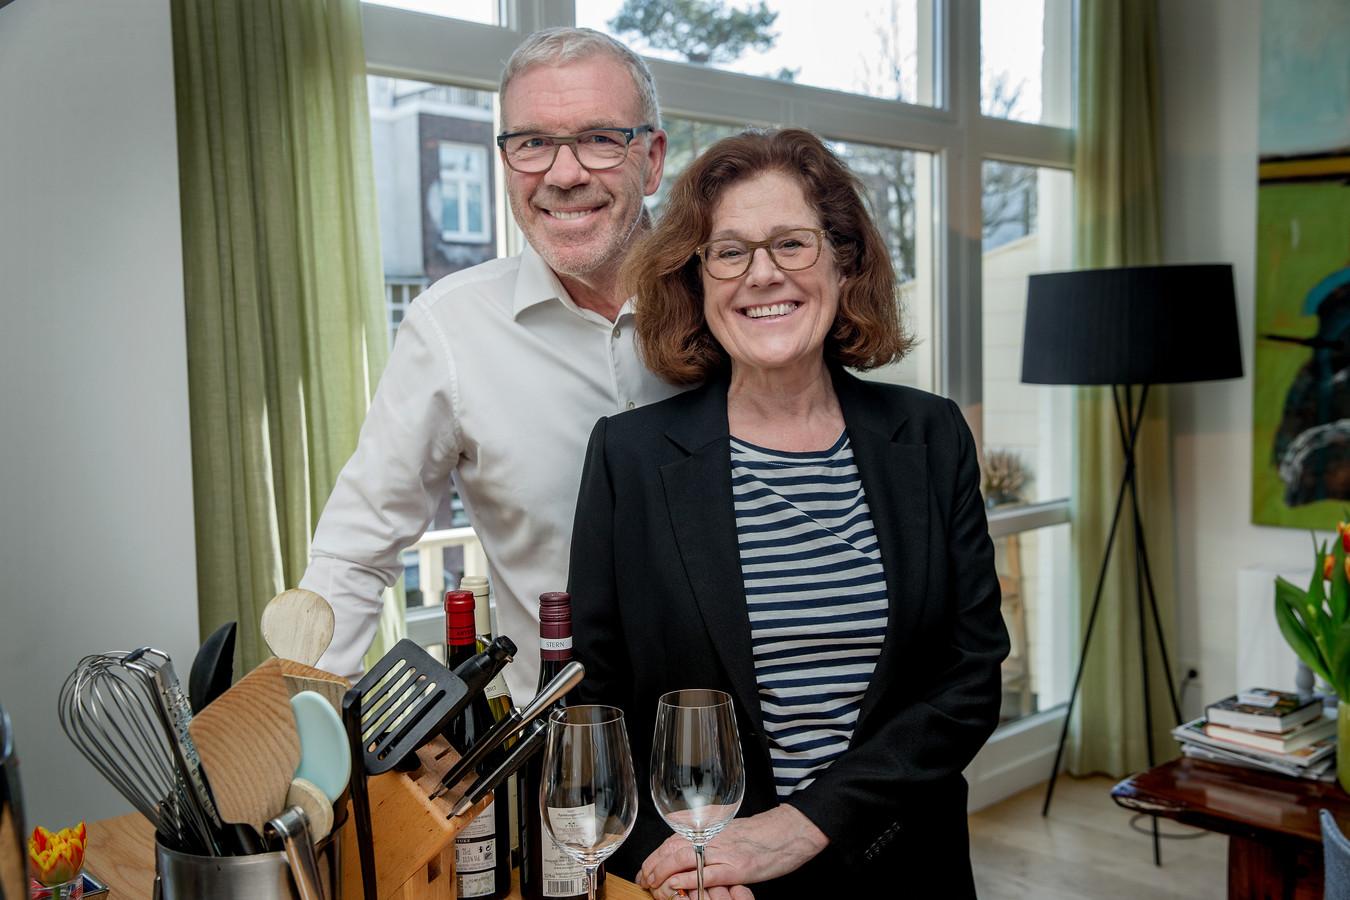 Mevrouw Hamersma runt een kookboekwinkel, meneer Hamersma weet alles over wijn: een gouden combinatie.